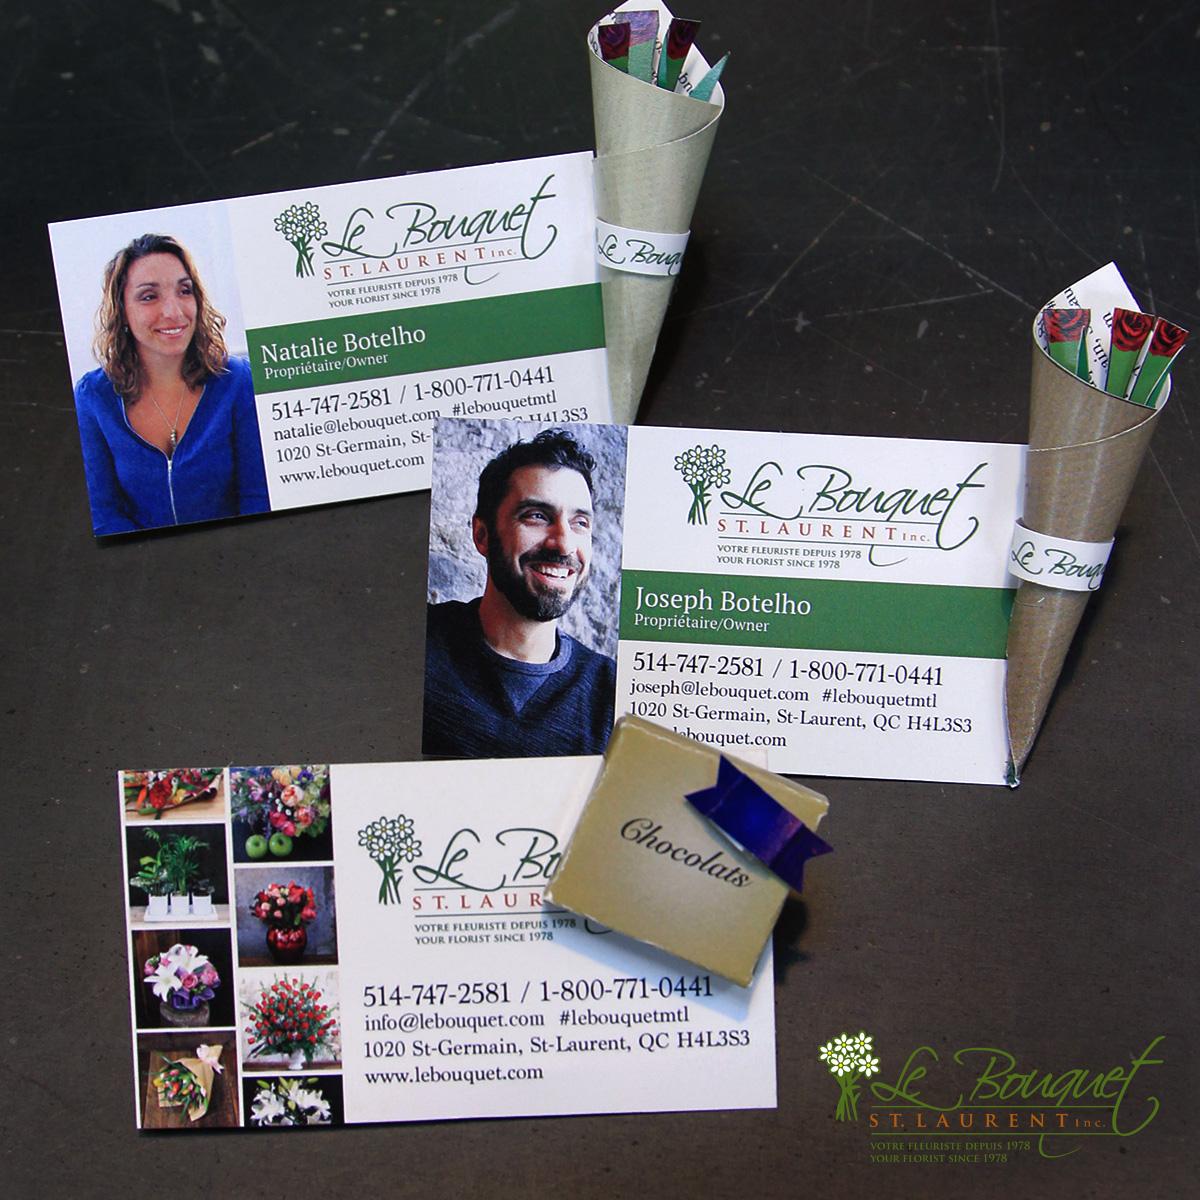 Montreal florist designs business card that fold into mini bouquets - Le Bouquet St Laurent